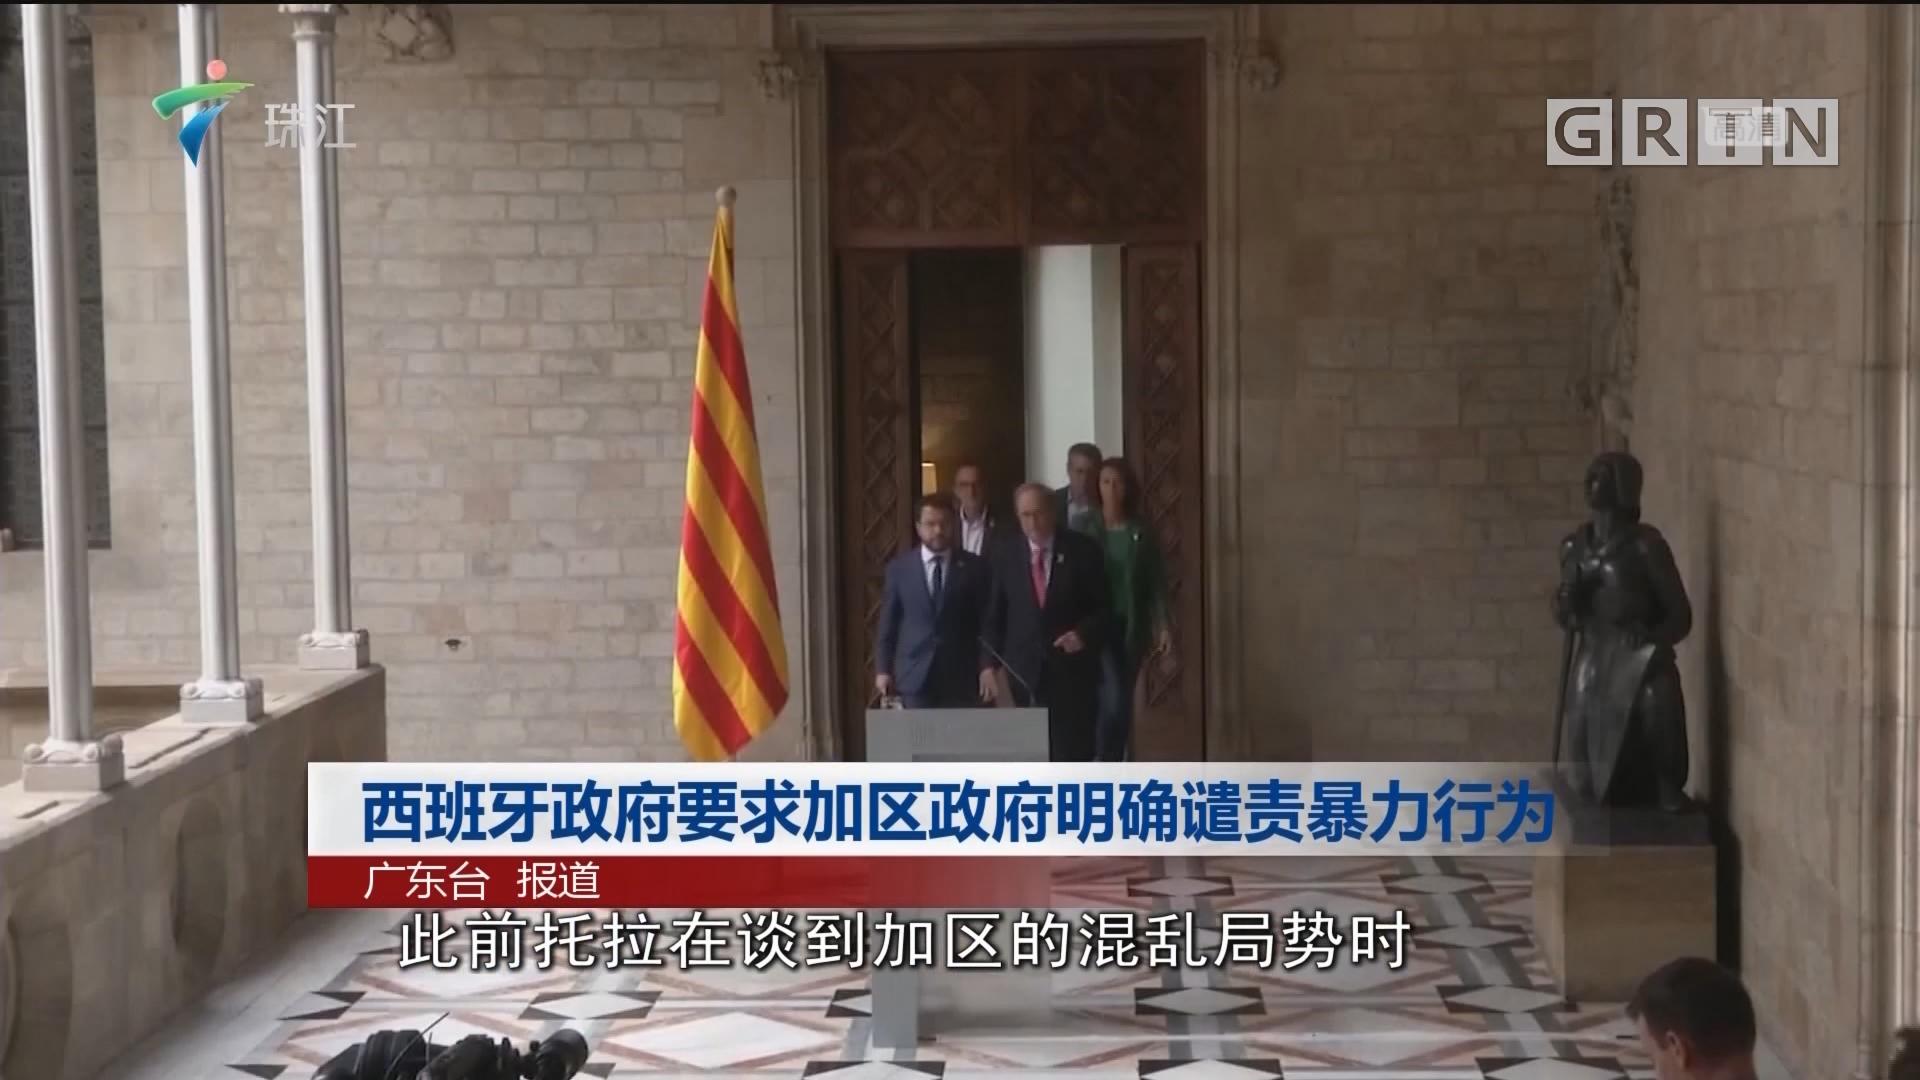 西班牙政府要求加区政府明确谴责暴力行为